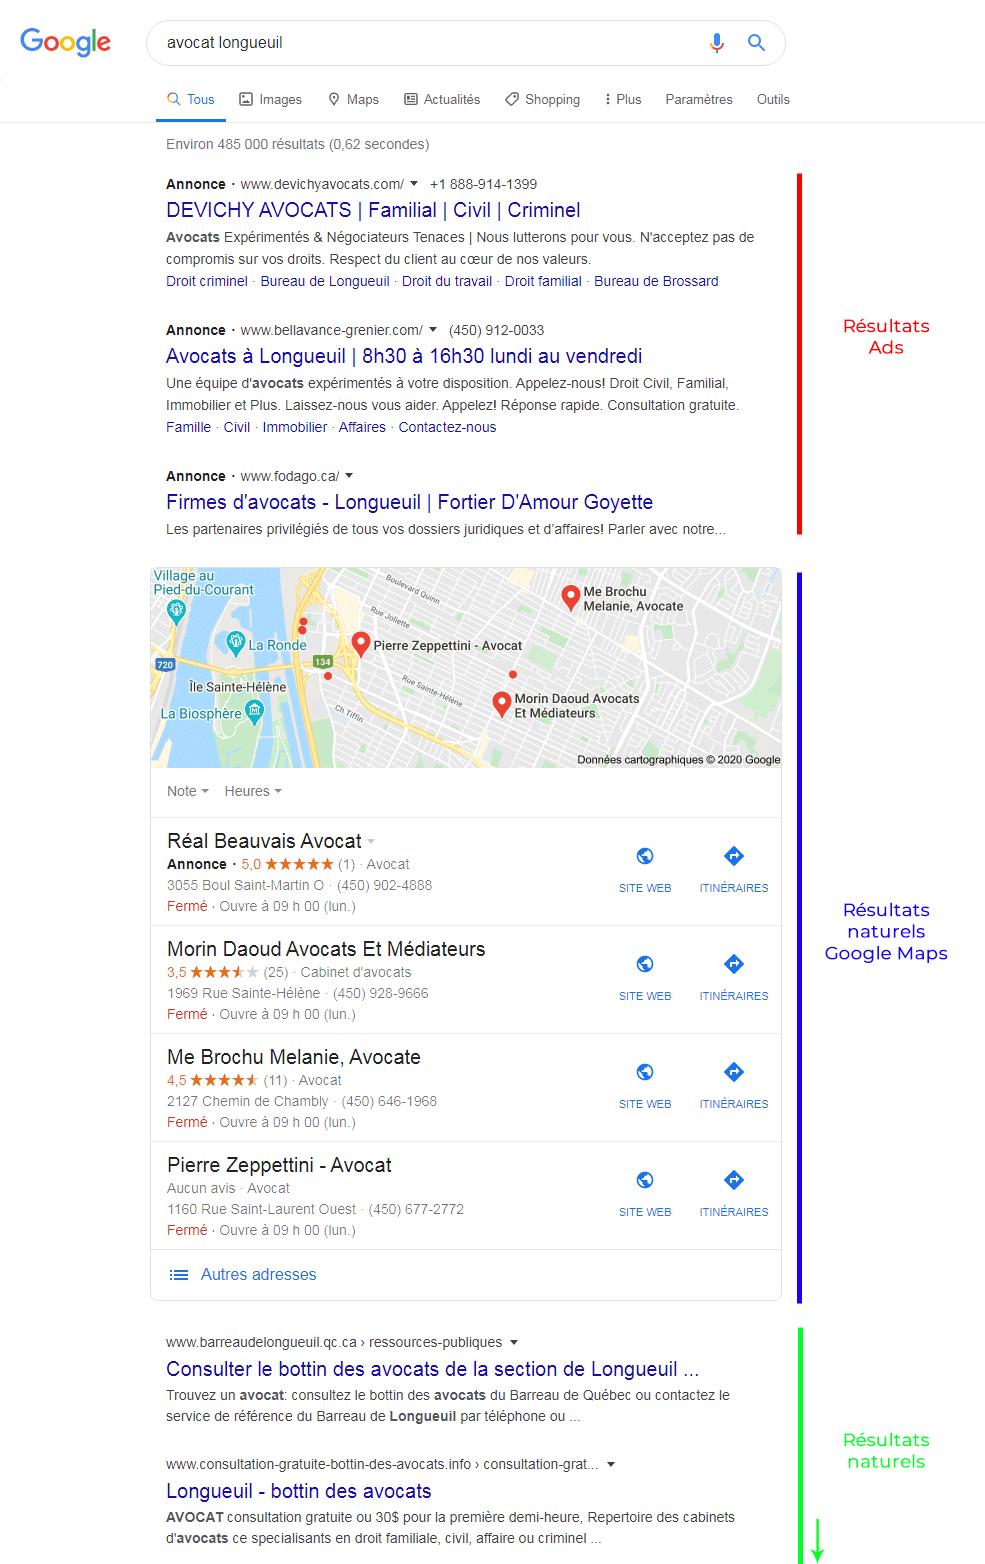 Les annonce Google Ads affichées dans les résultats de recherche